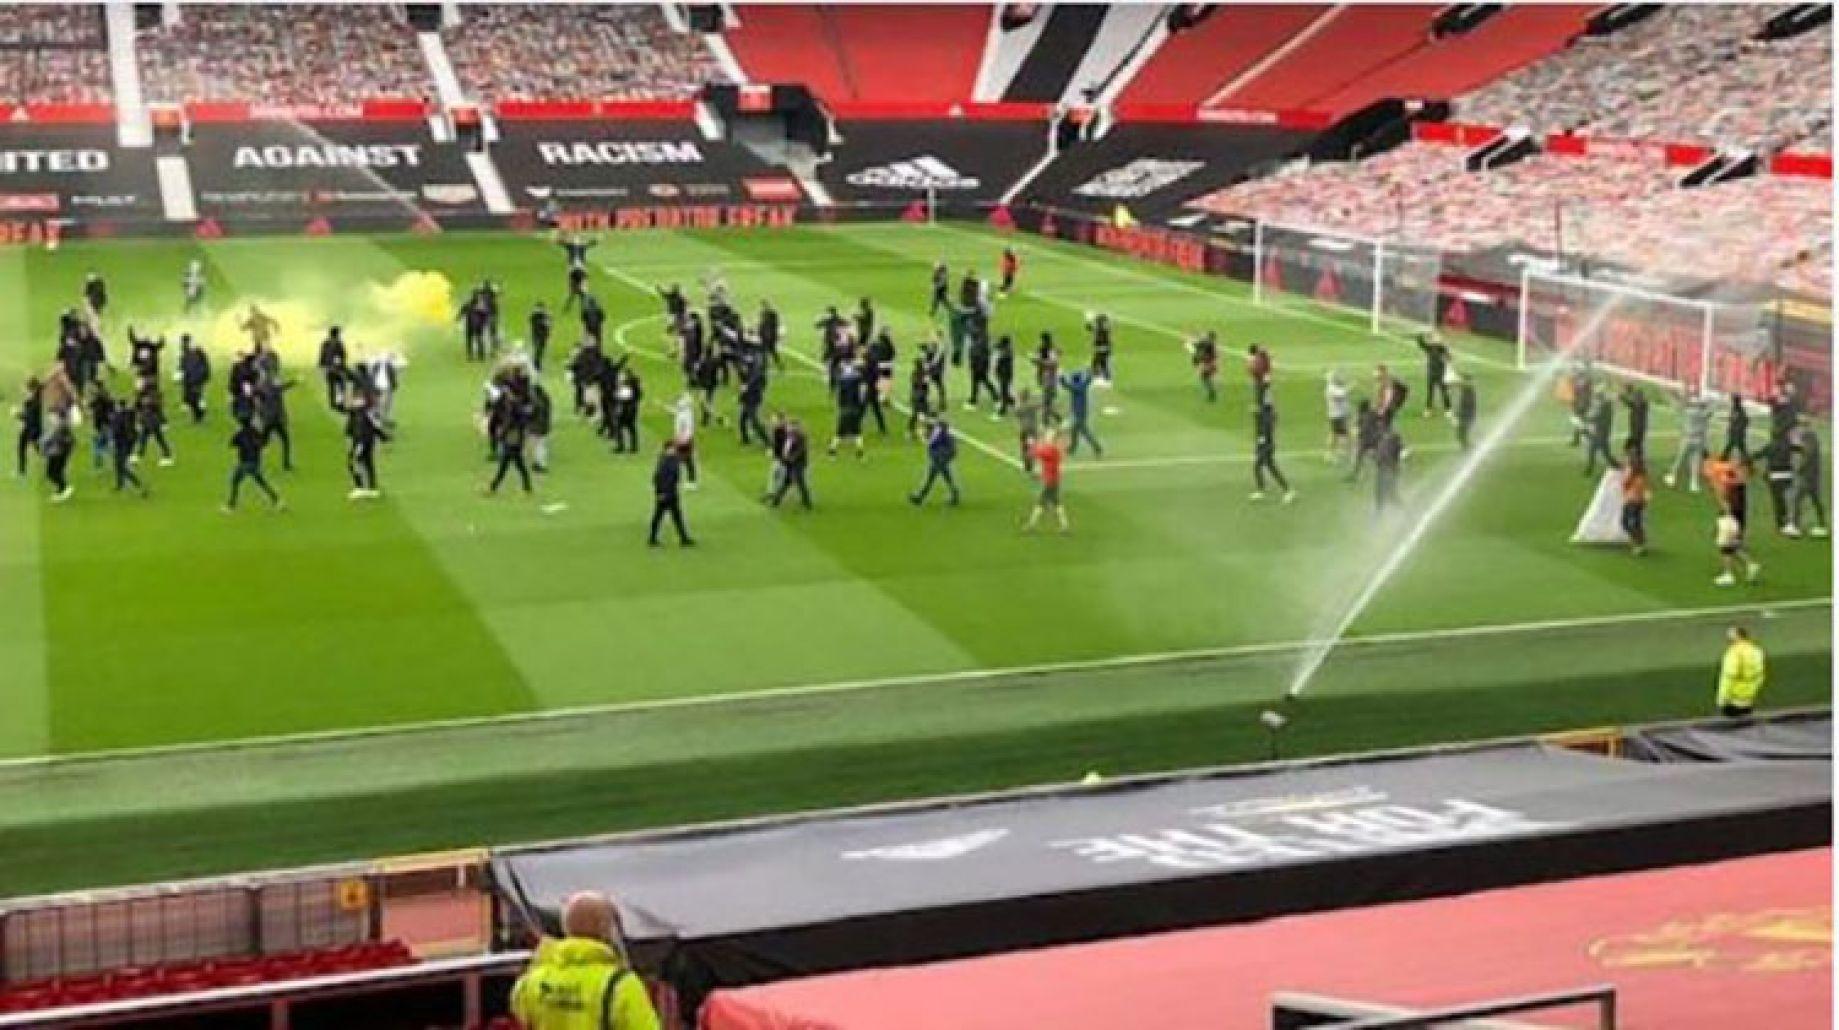 مانشستر ليفربول.. تأجيل المباراة عقب اجتياح الجمهور للملعب